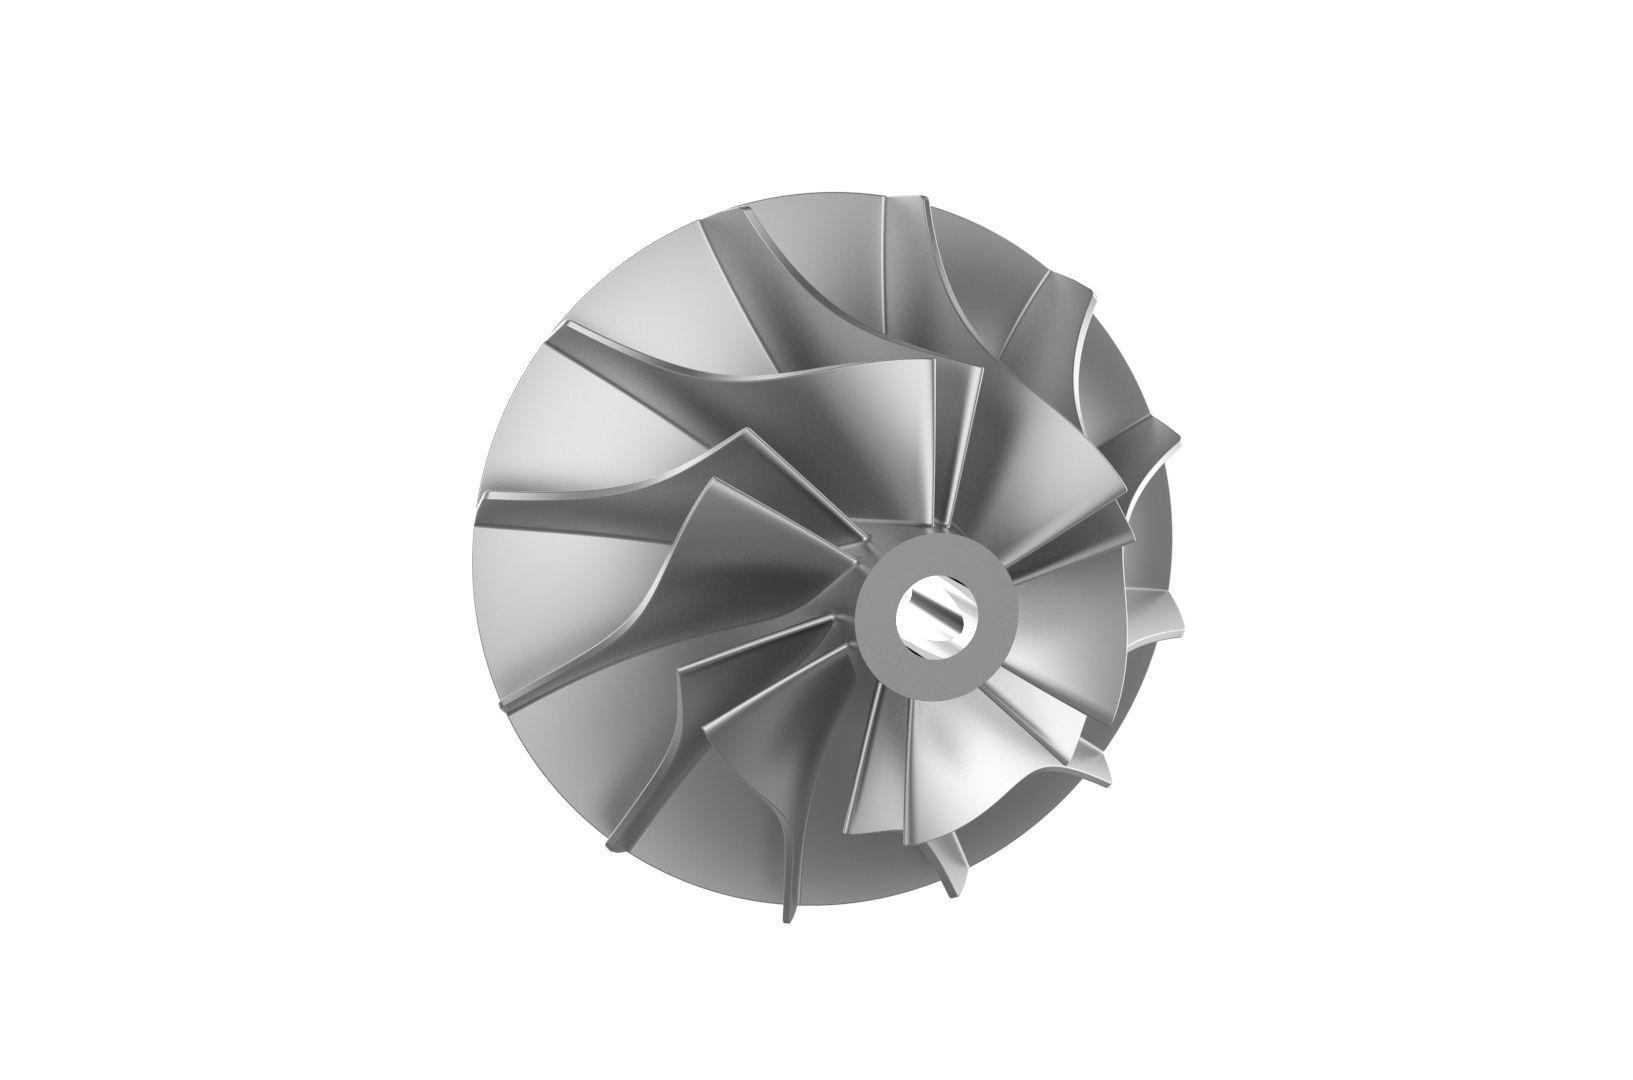 Turbocharger inlet compressor